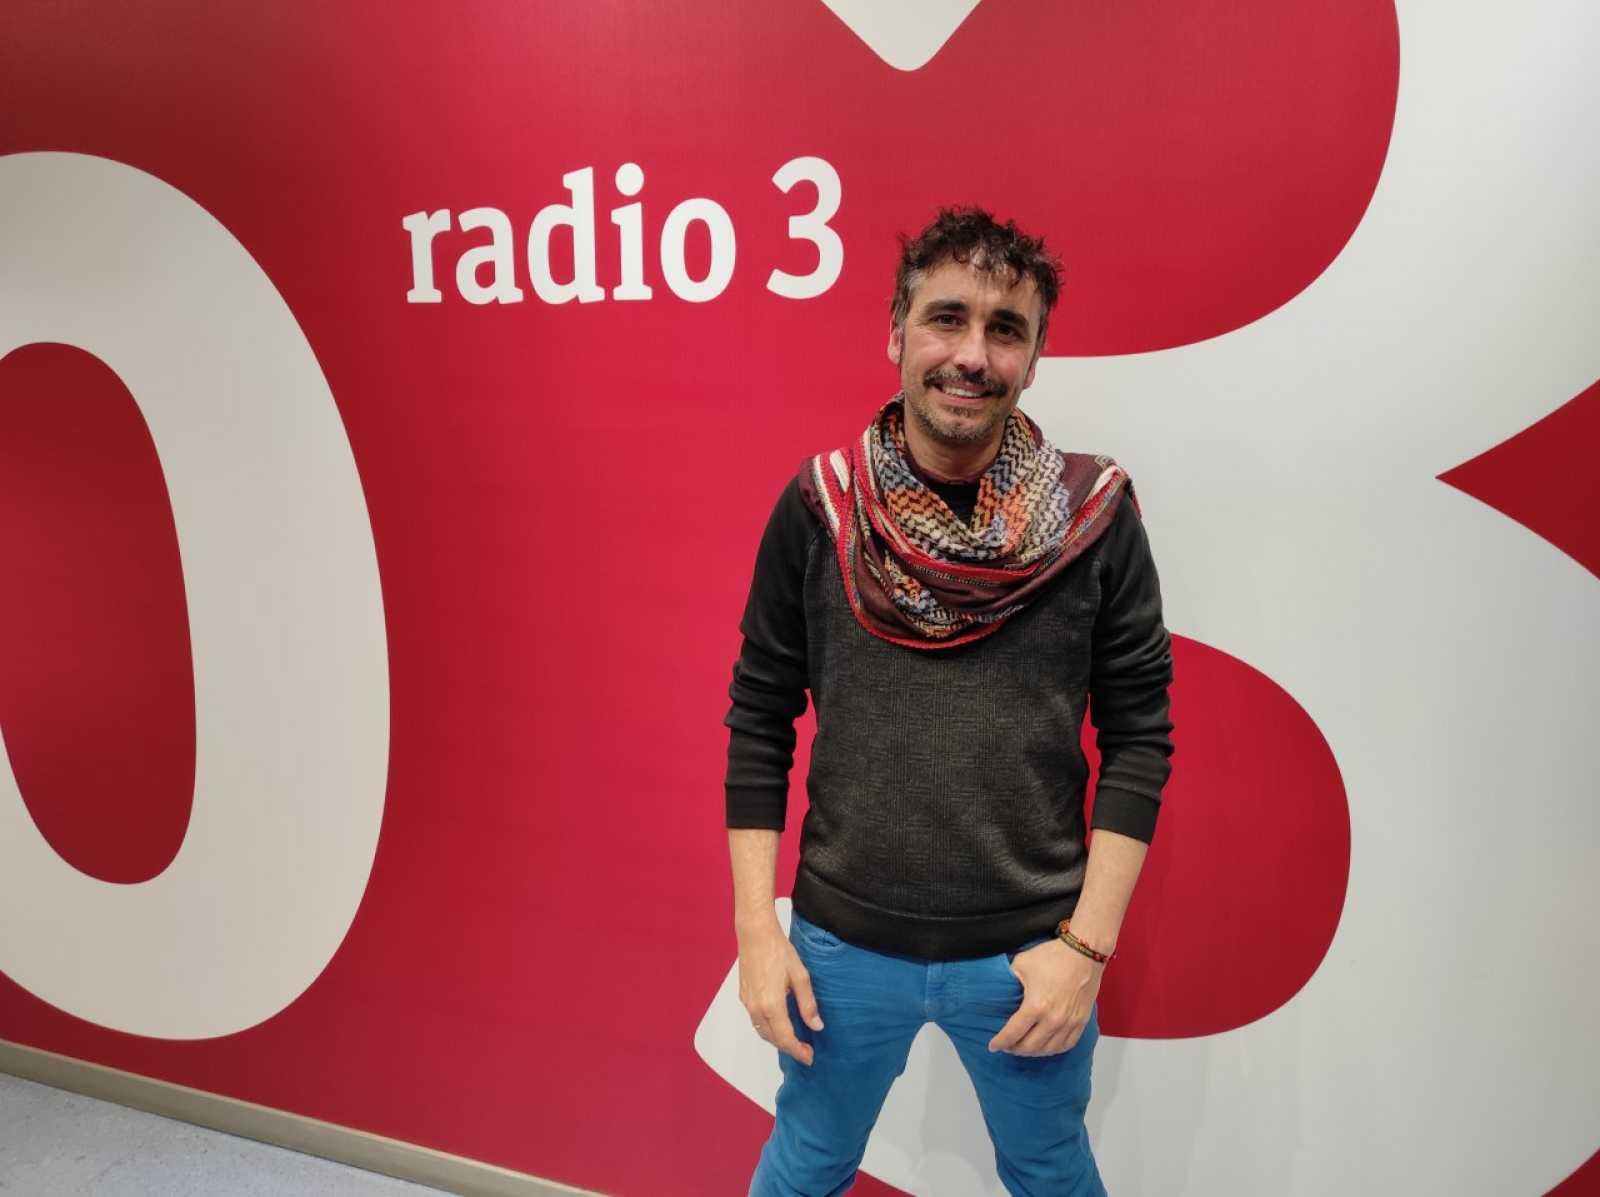 En Radio 3 - Canco Rodríguez - 01/05/21 - escuchar ahora